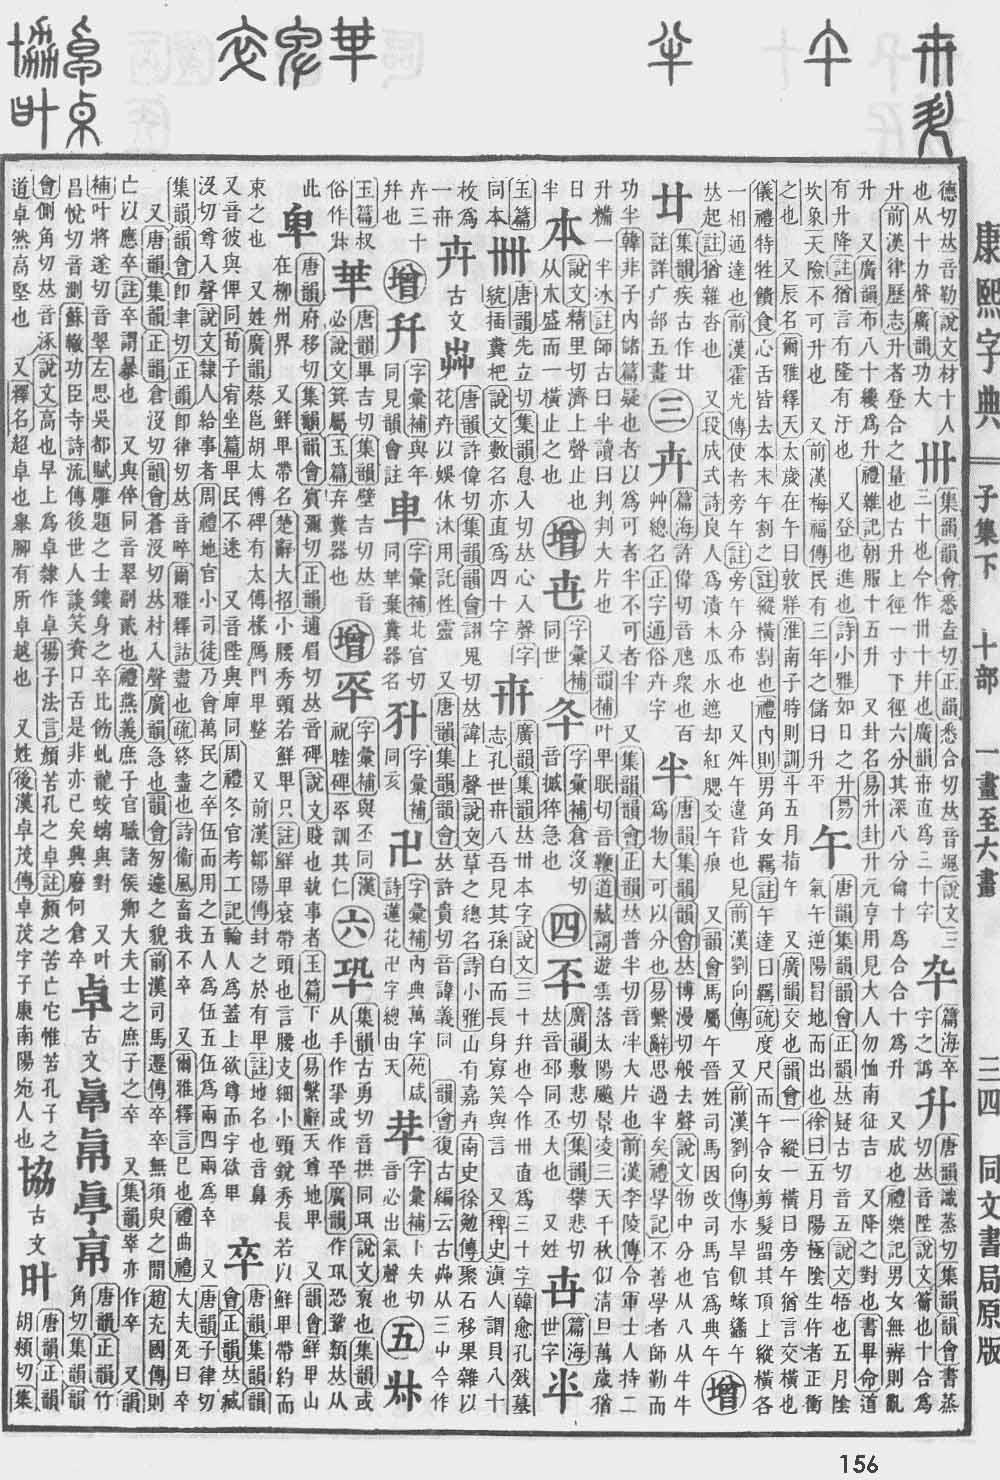 《康熙字典》第156页